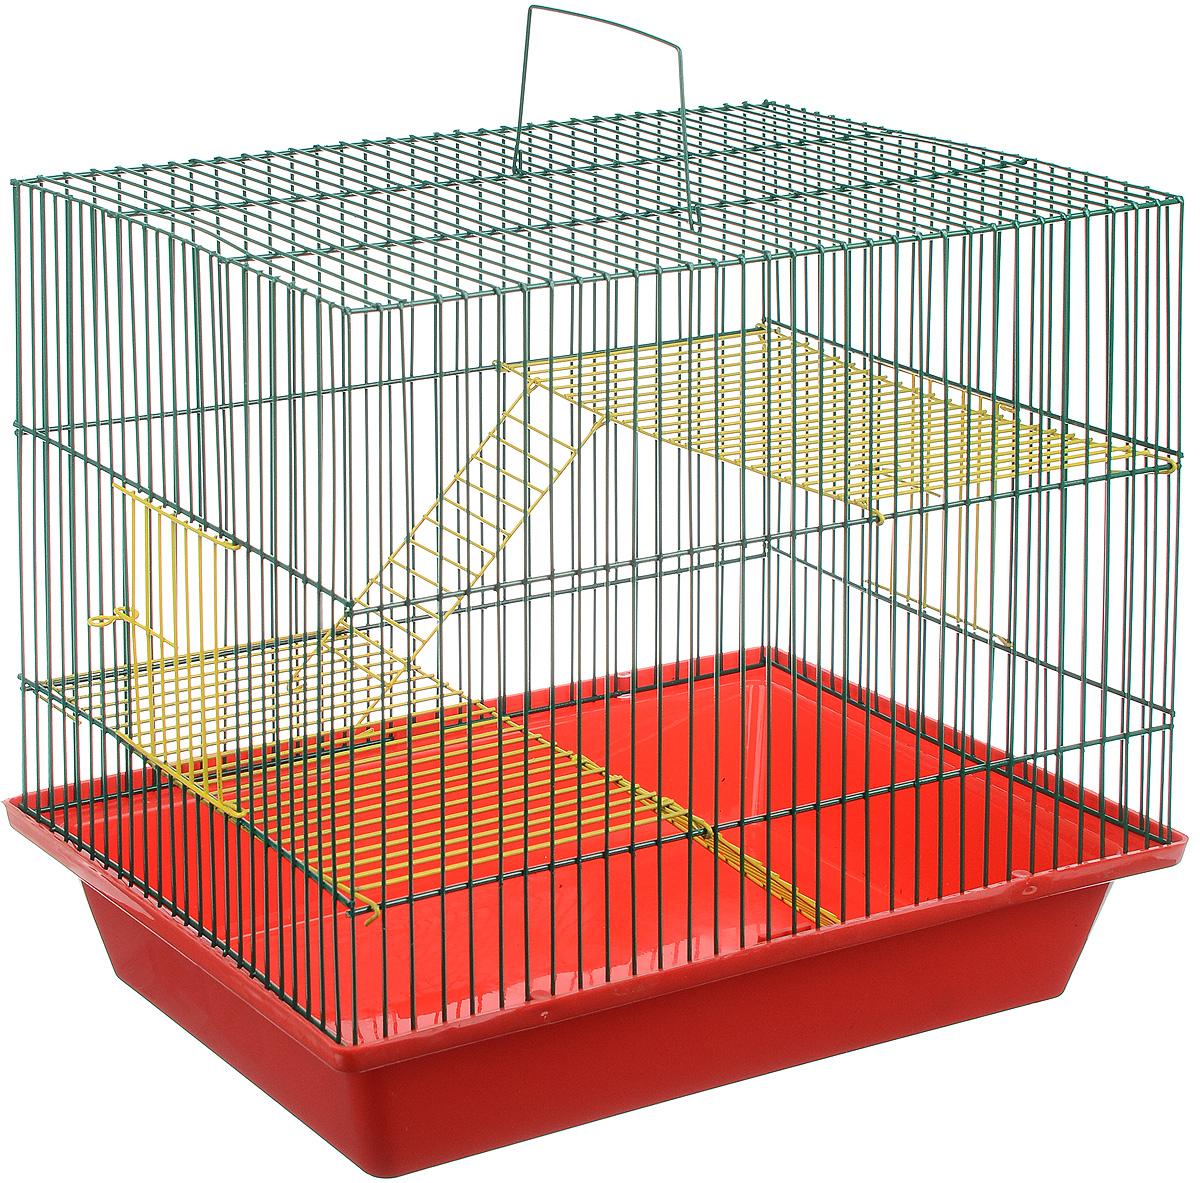 Клетка для грызунов ЗооМарк Гризли, 3-этажная, цвет: красный поддон, зеленая решетка, желтые этажи, 41 х 30 х 36 см. 230ж230ж_красный, зеленыйКлетка ЗооМарк Гризли, выполненная из полипропилена и металла, подходит для мелких грызунов. Изделие трехэтажное. Клетка имеет яркий поддон, удобна в использовании и легко чистится. Сверху имеется ручка для переноски. Такая клетка станет уединенным личным пространством и уютным домиком для маленького грызуна.